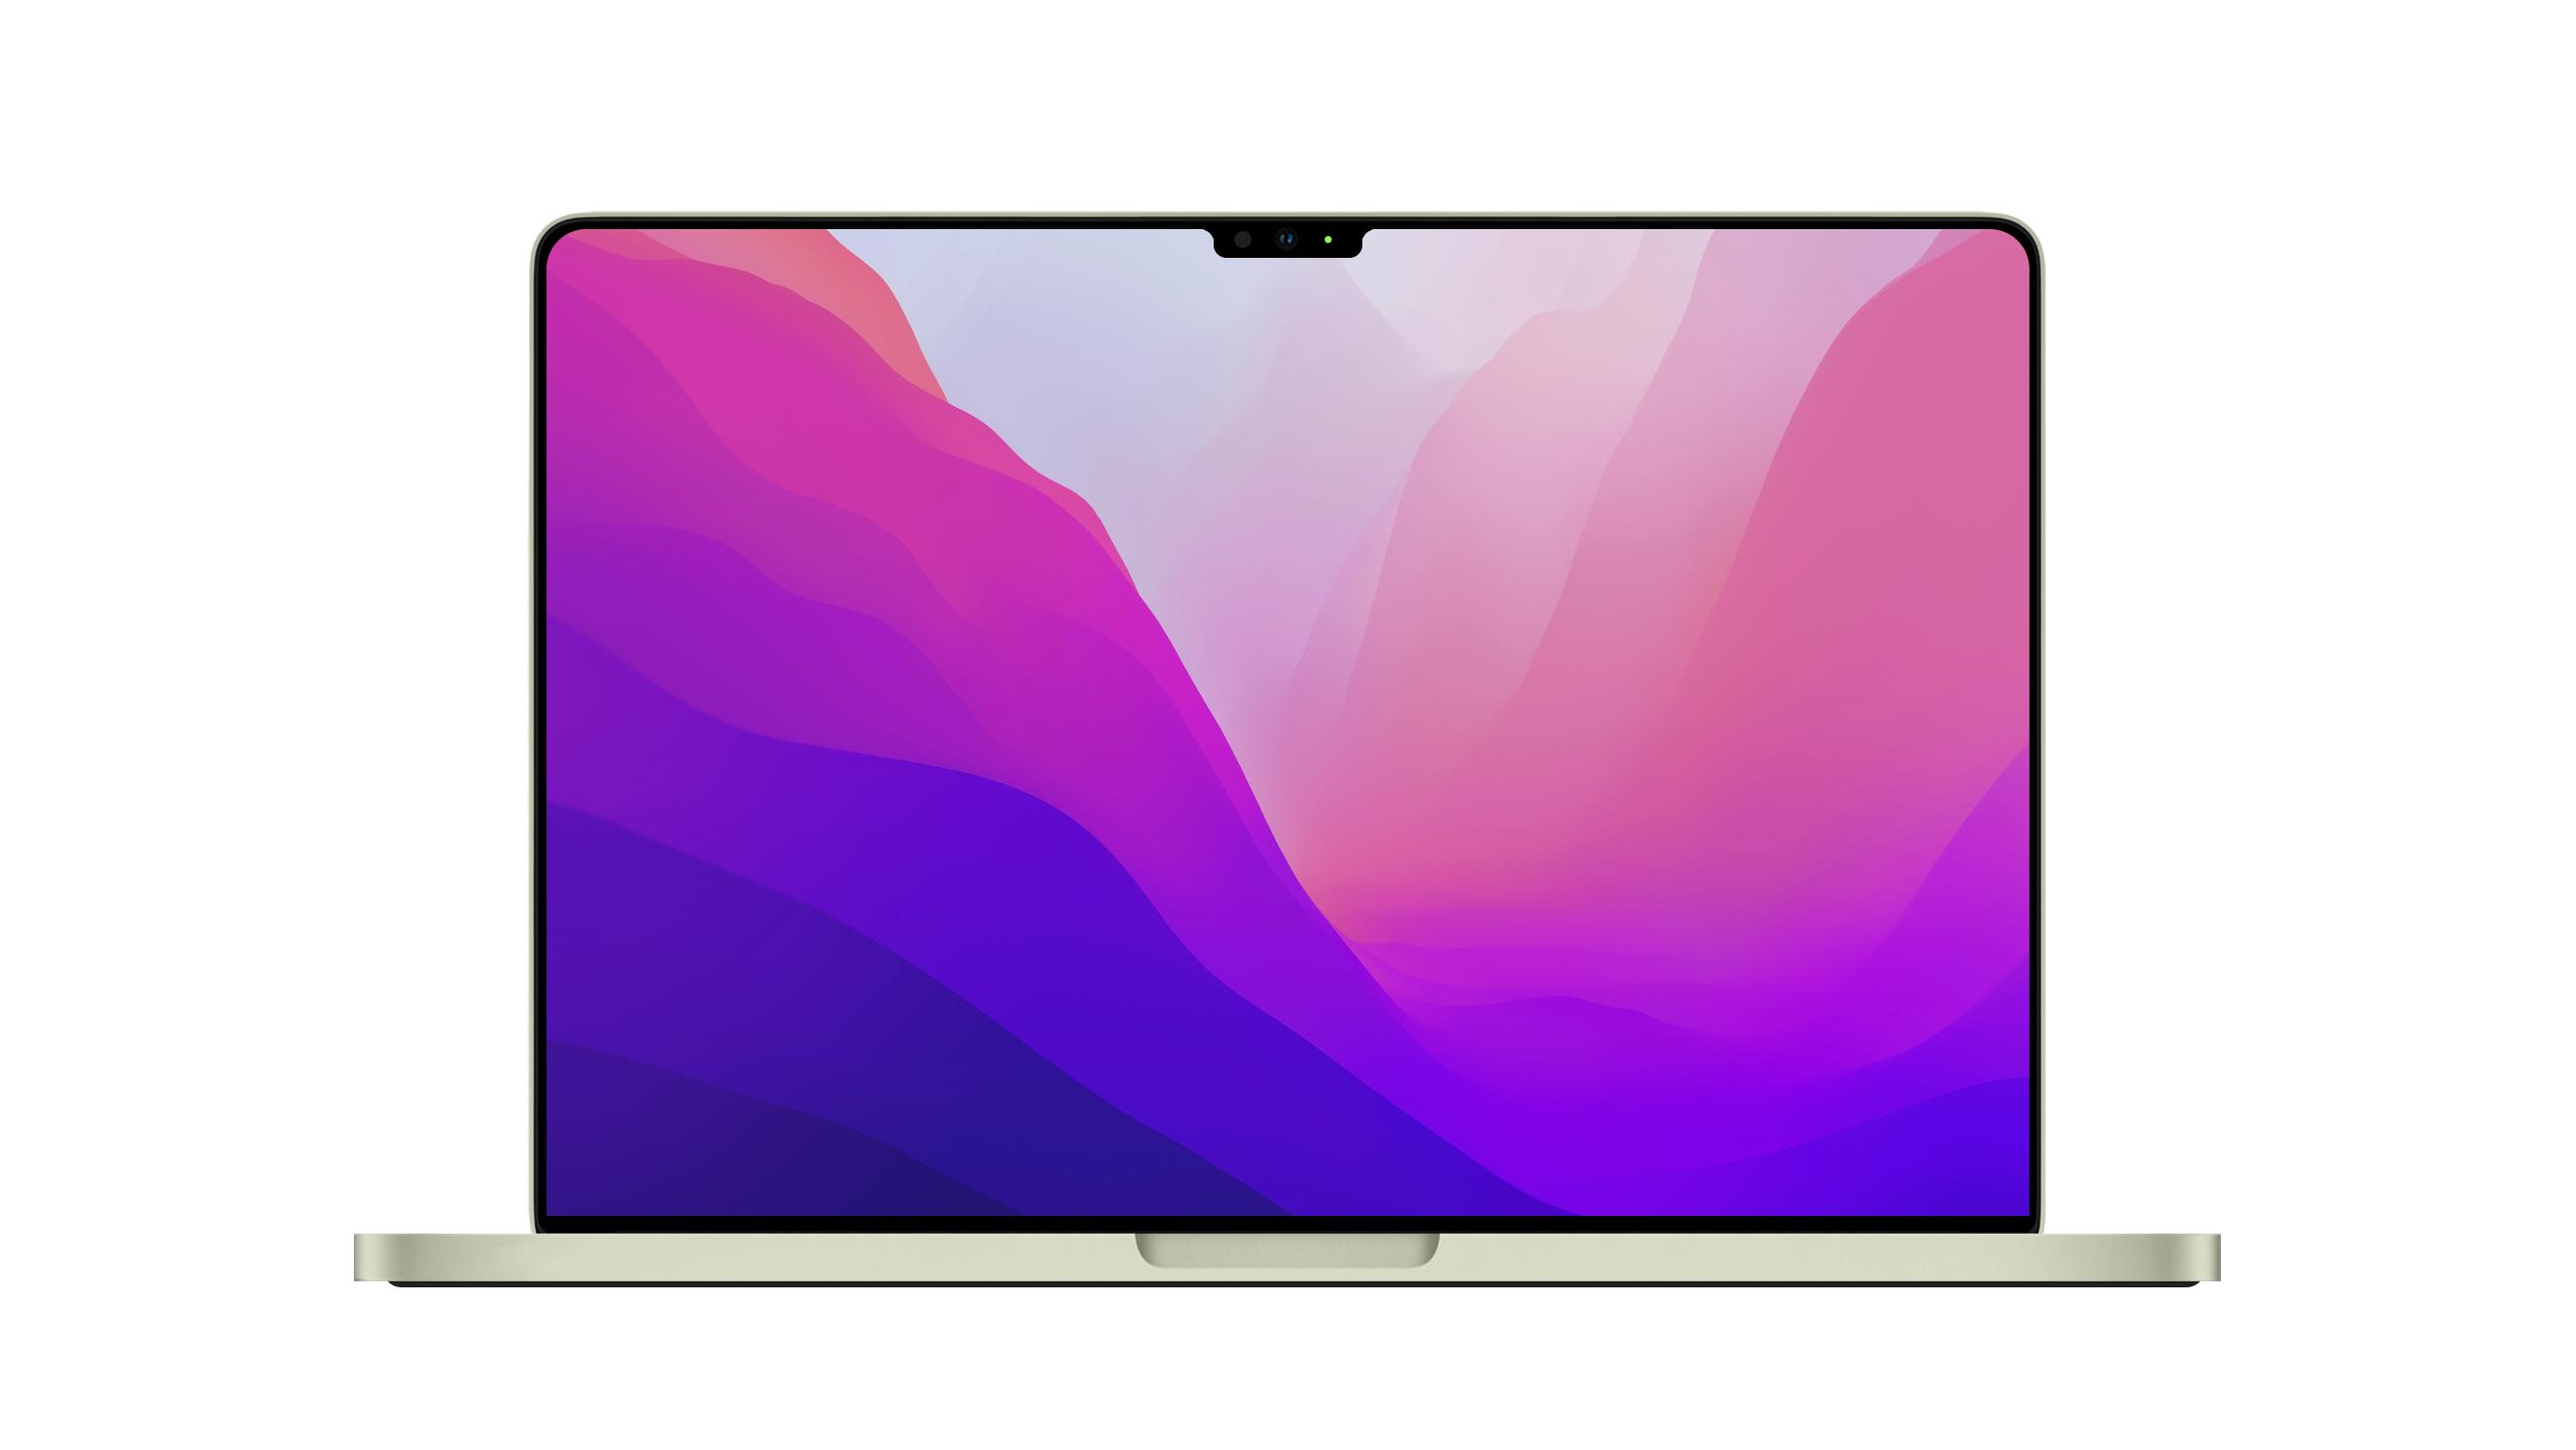 苹果发布会抢先看,刘海屏MacBook Pro基本证实,性能爆表